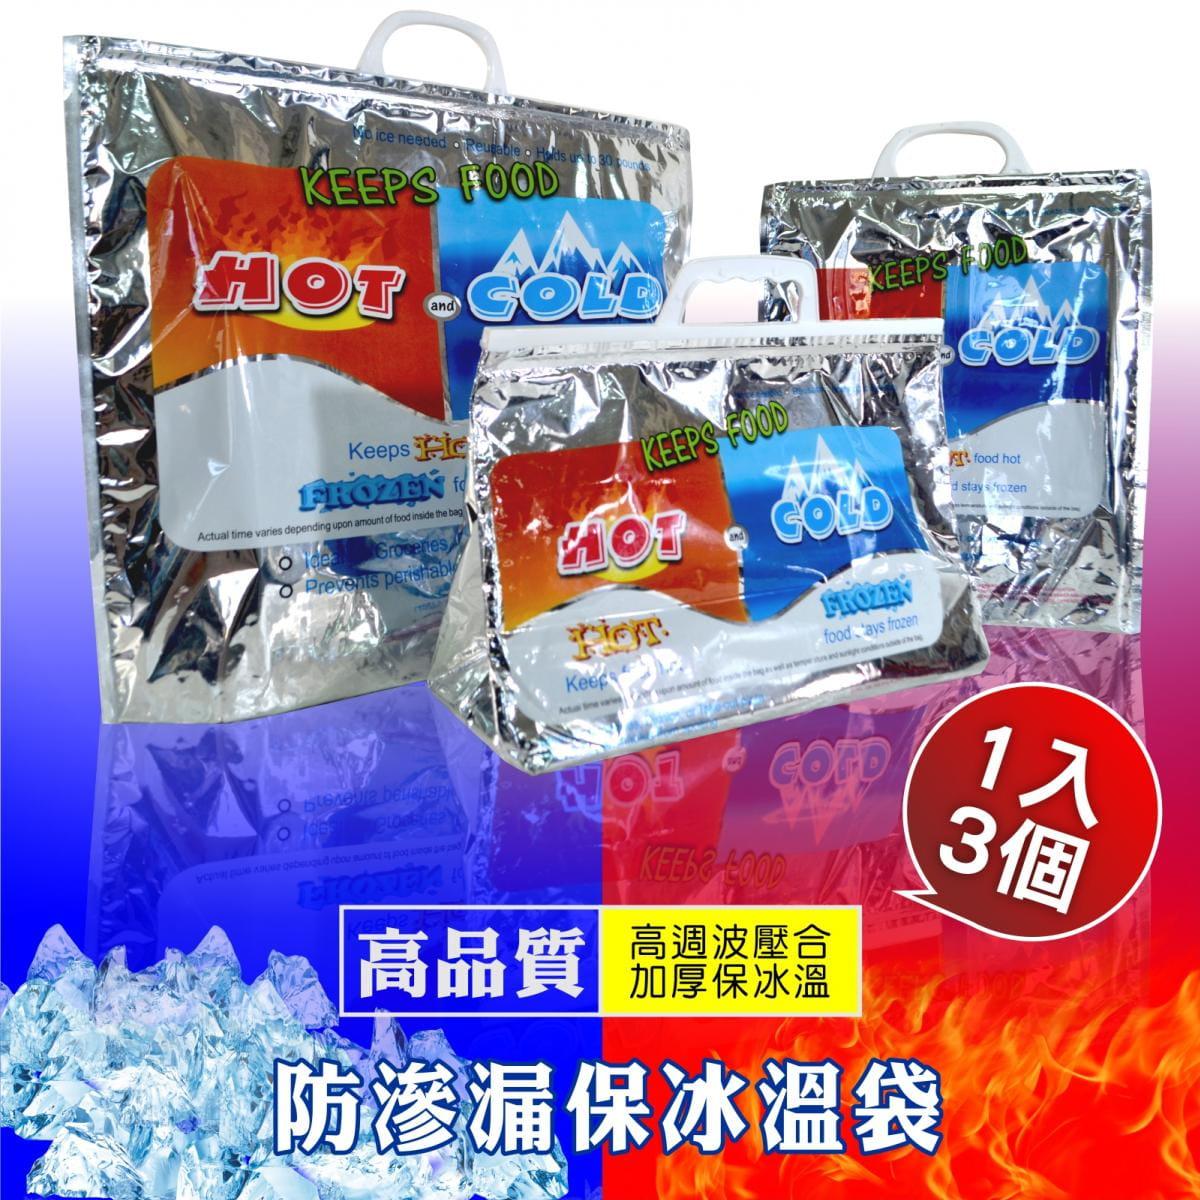 防滲漏保冰溫袋/每組3個 0